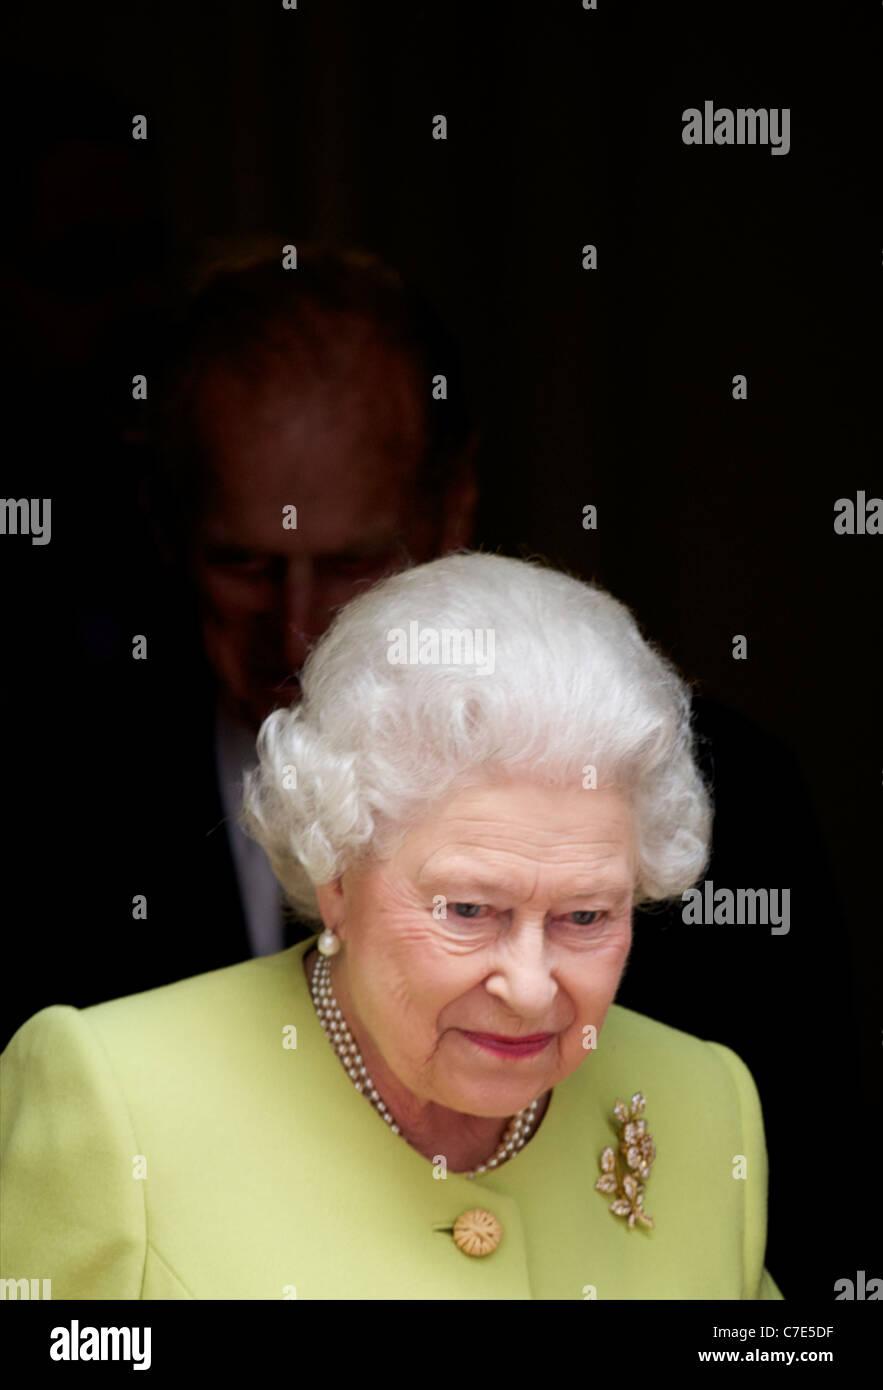 Su Alteza Real la Reina y el Duque de Edimburgo reunirse con David y Samantha Cameron fuera del 10 de Downing Street Imagen De Stock